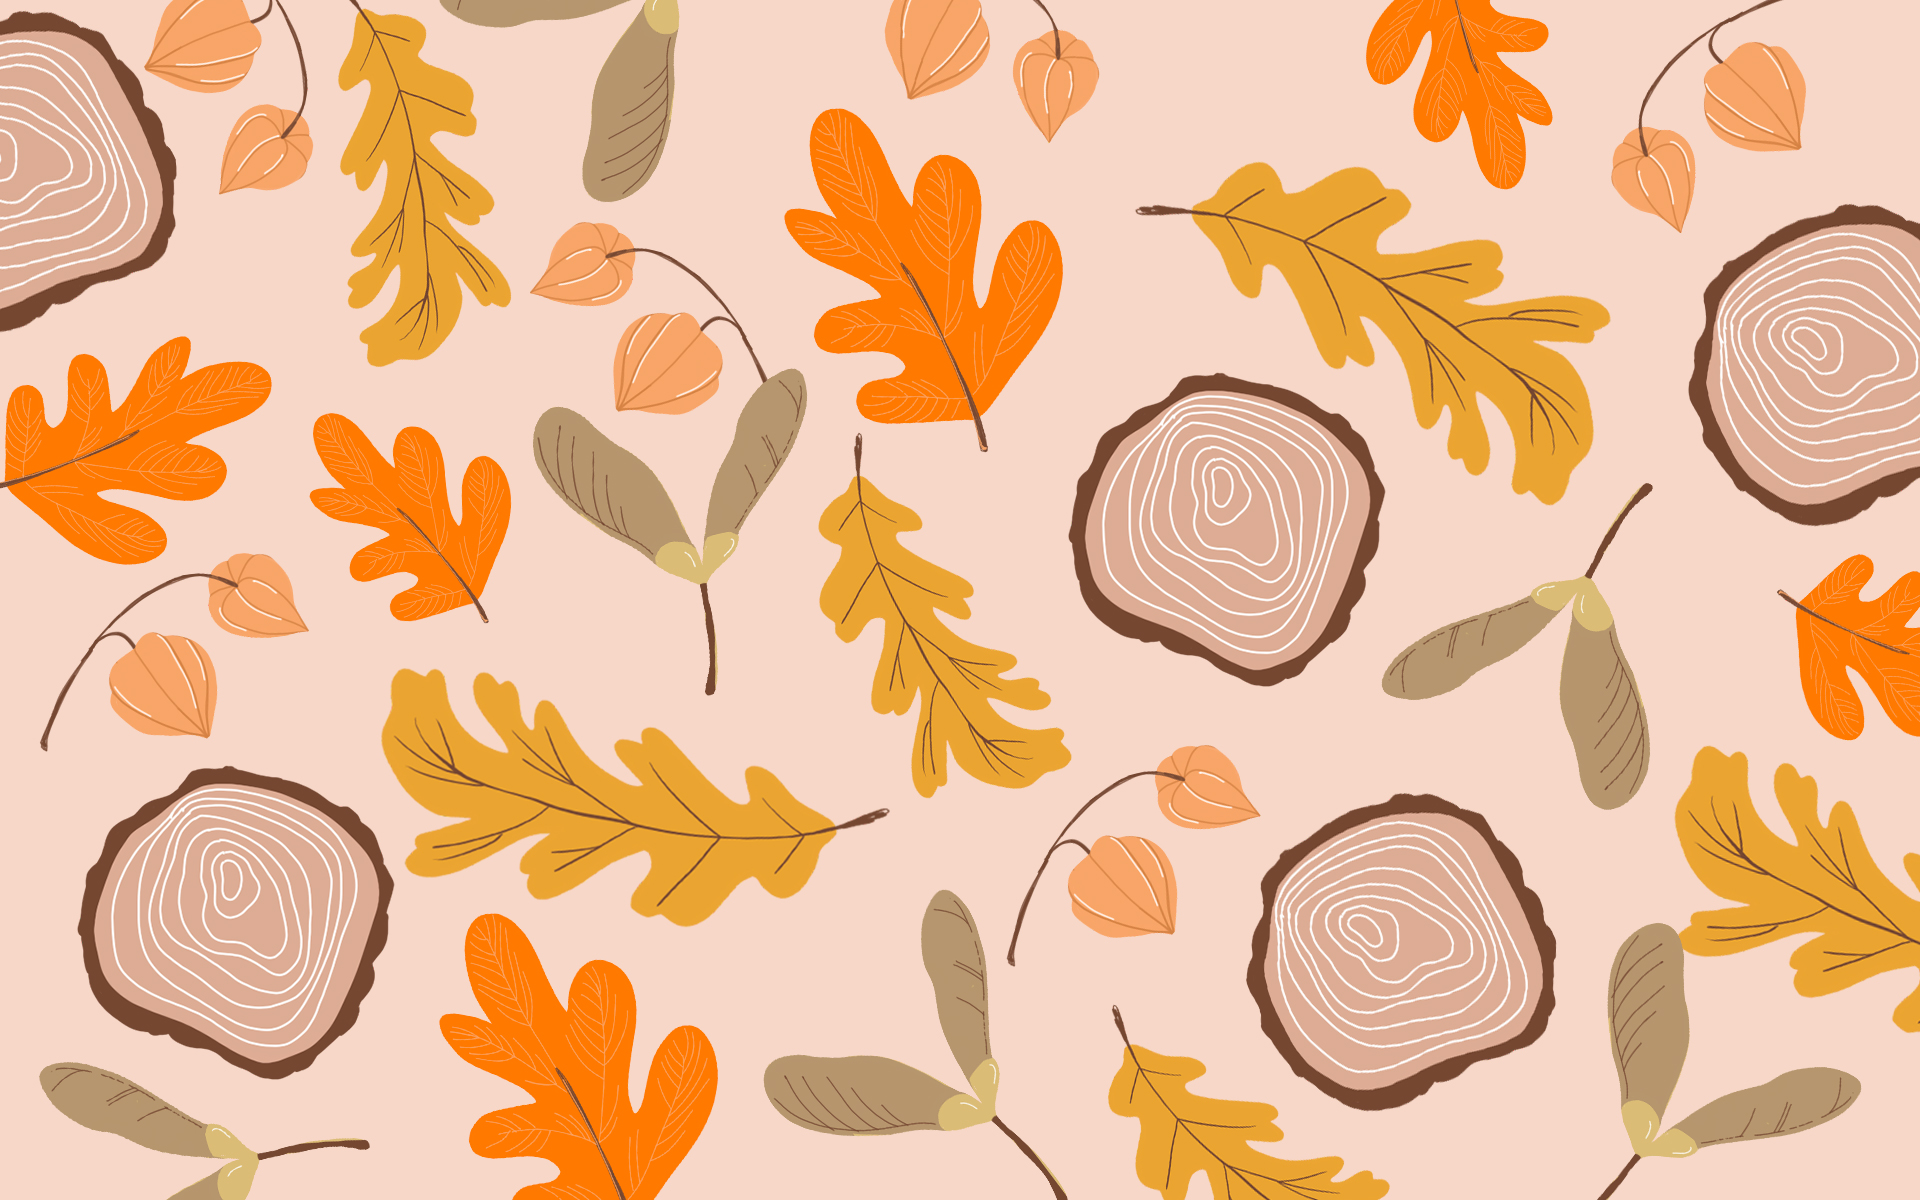 Fond d'ecran automne pour ordinateur avec feuilles